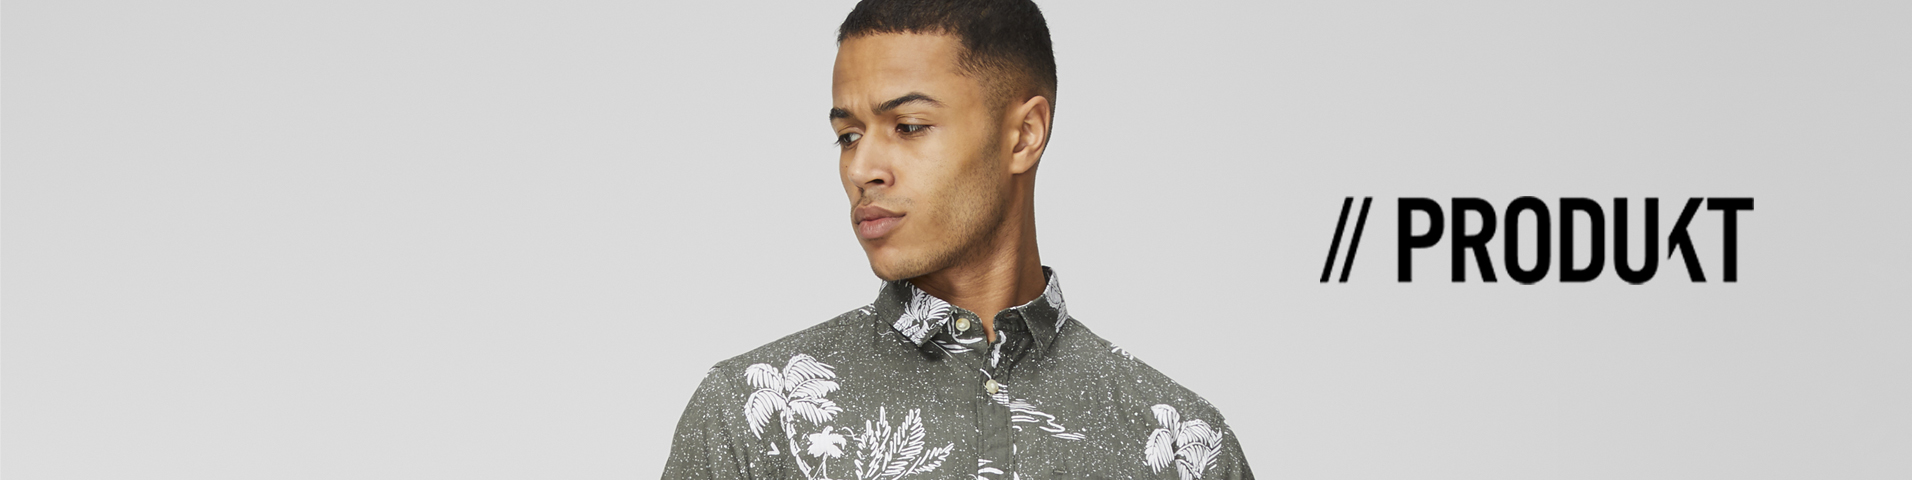 Produkt Jacken für Herren riesige Auswahl online | ZALANDO